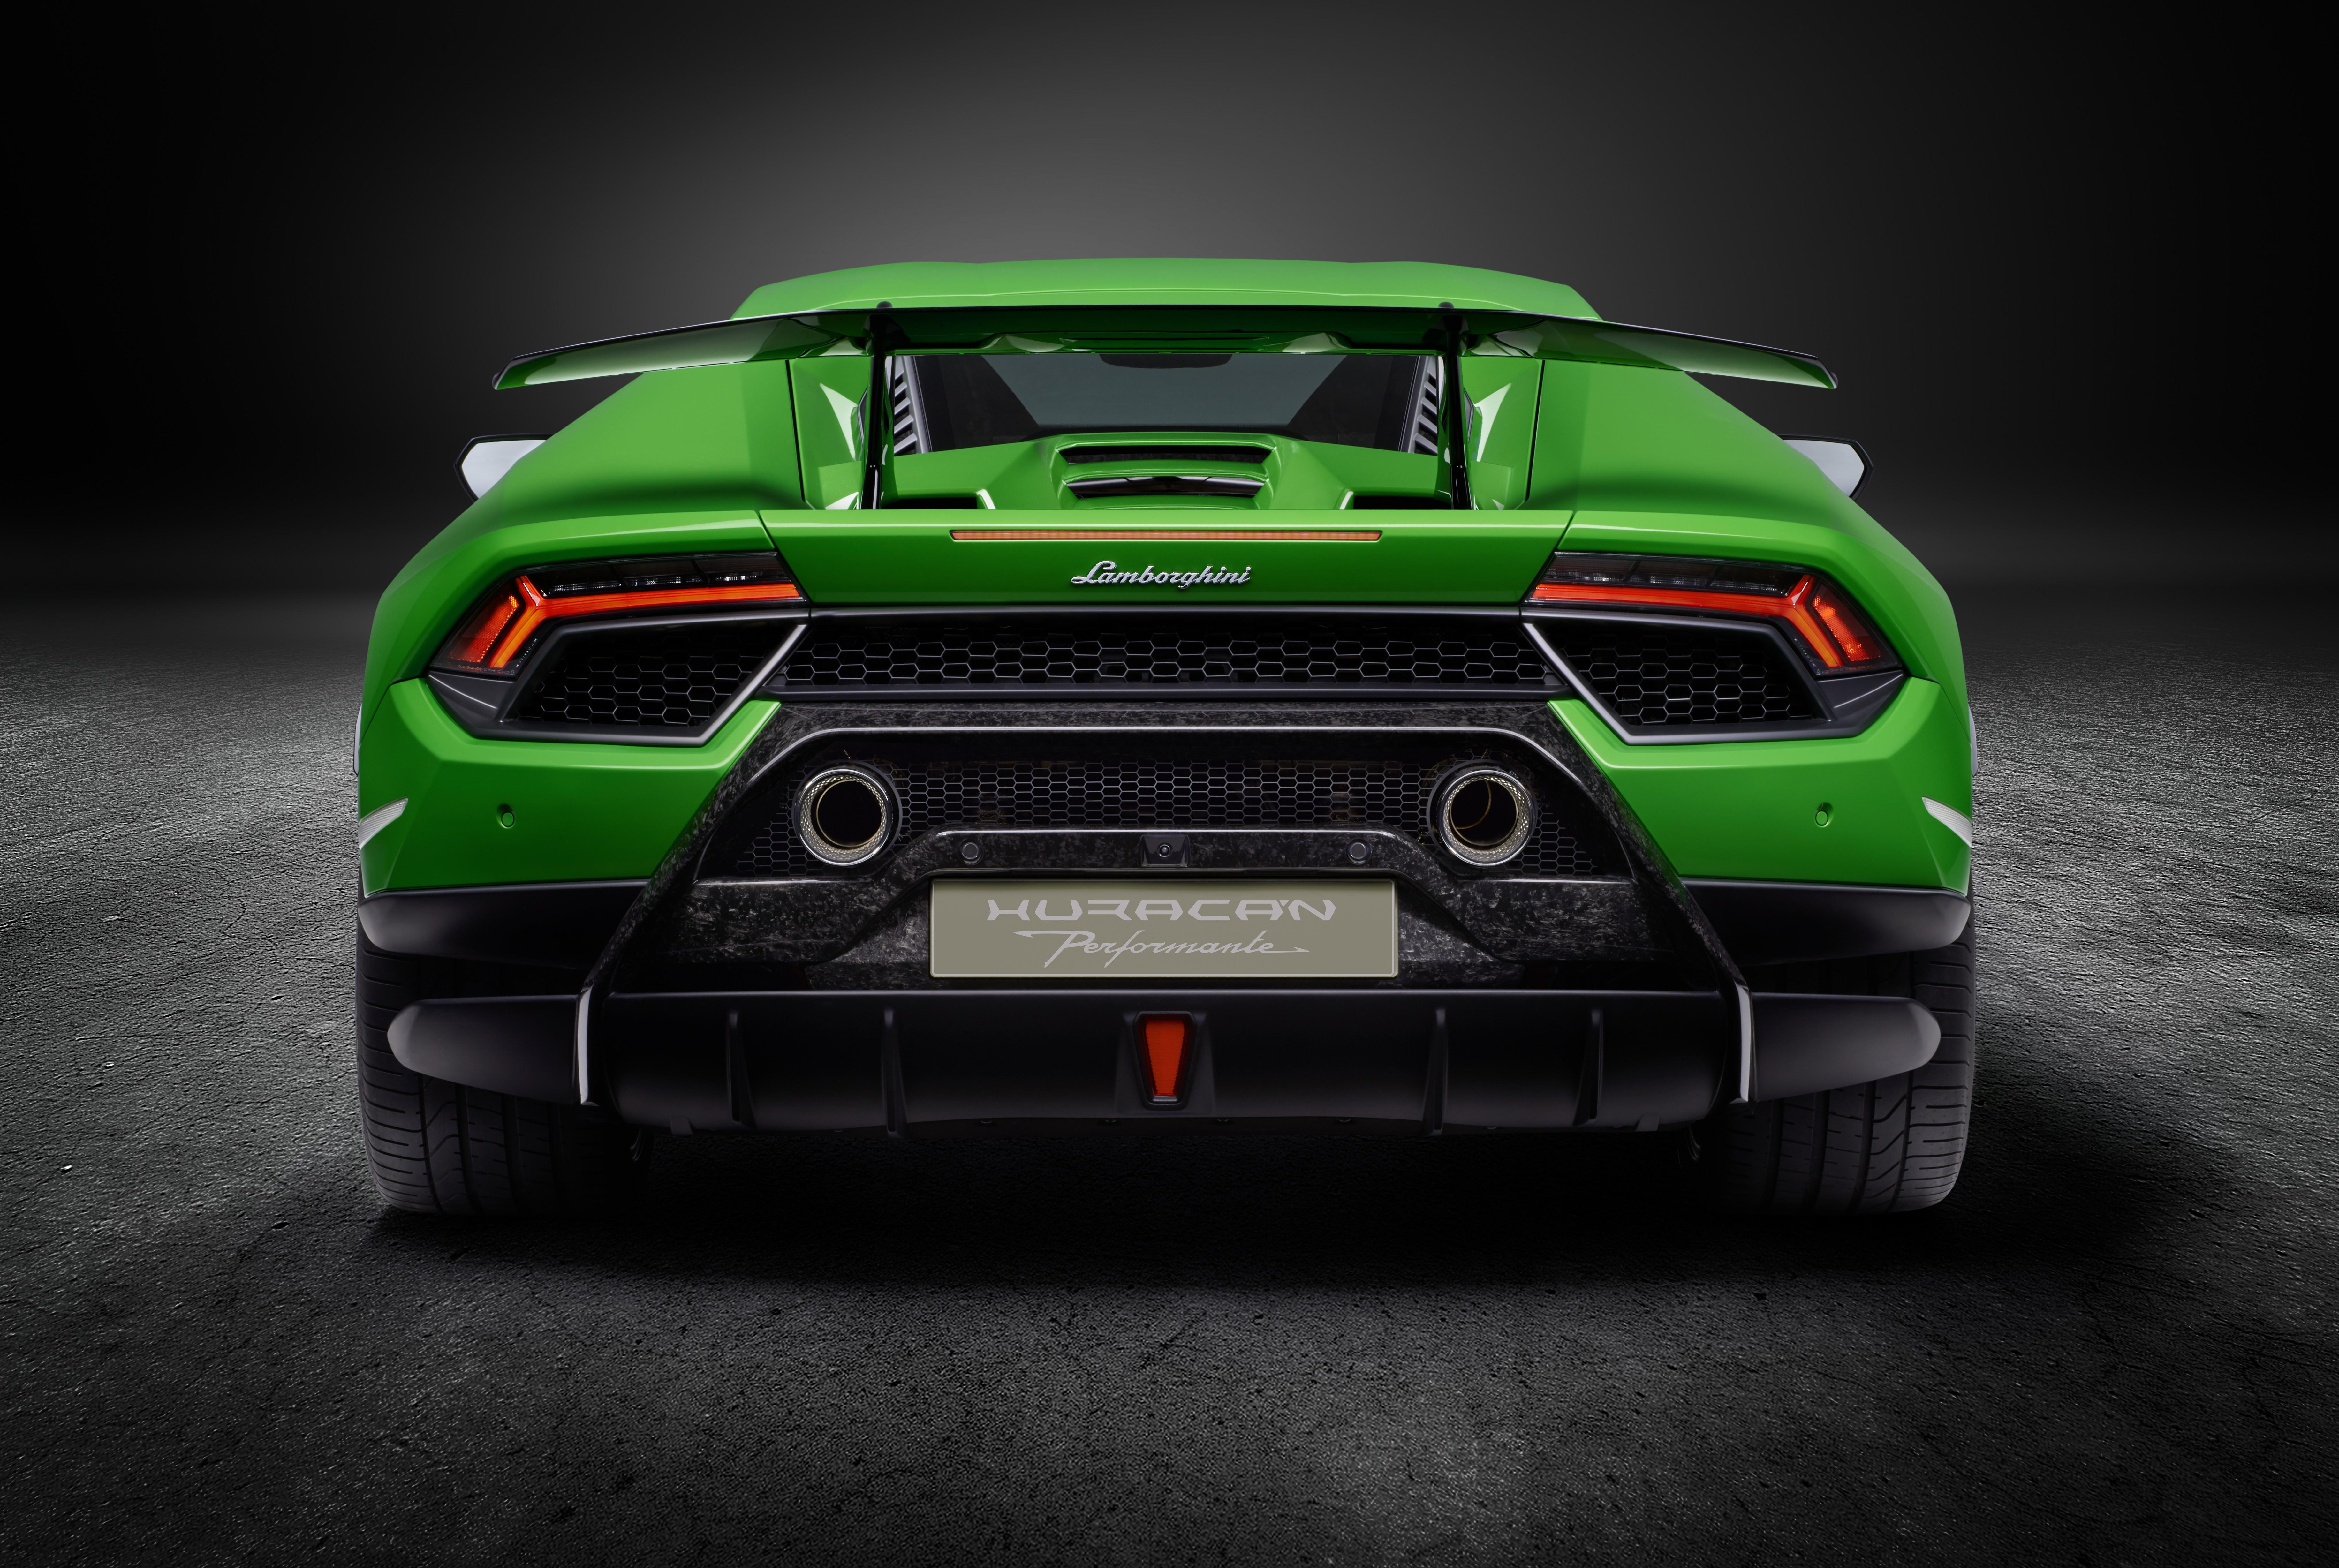 Lamborghini Huracan Performante 2019 Rear View Hd Cars 4k